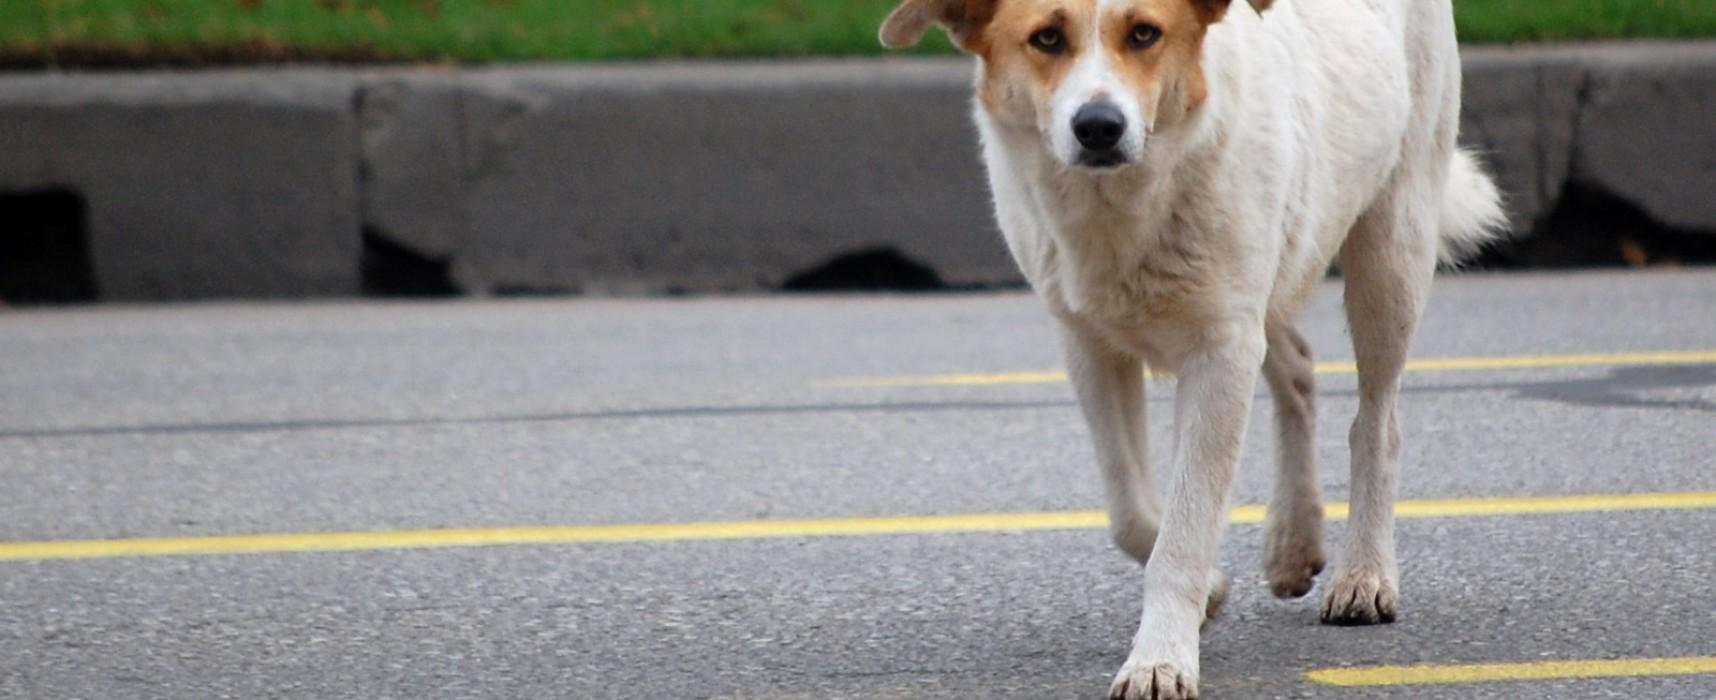 Pronto soccorso animali randagi, il comune di Bisceglie avvia il servizio sperimentale